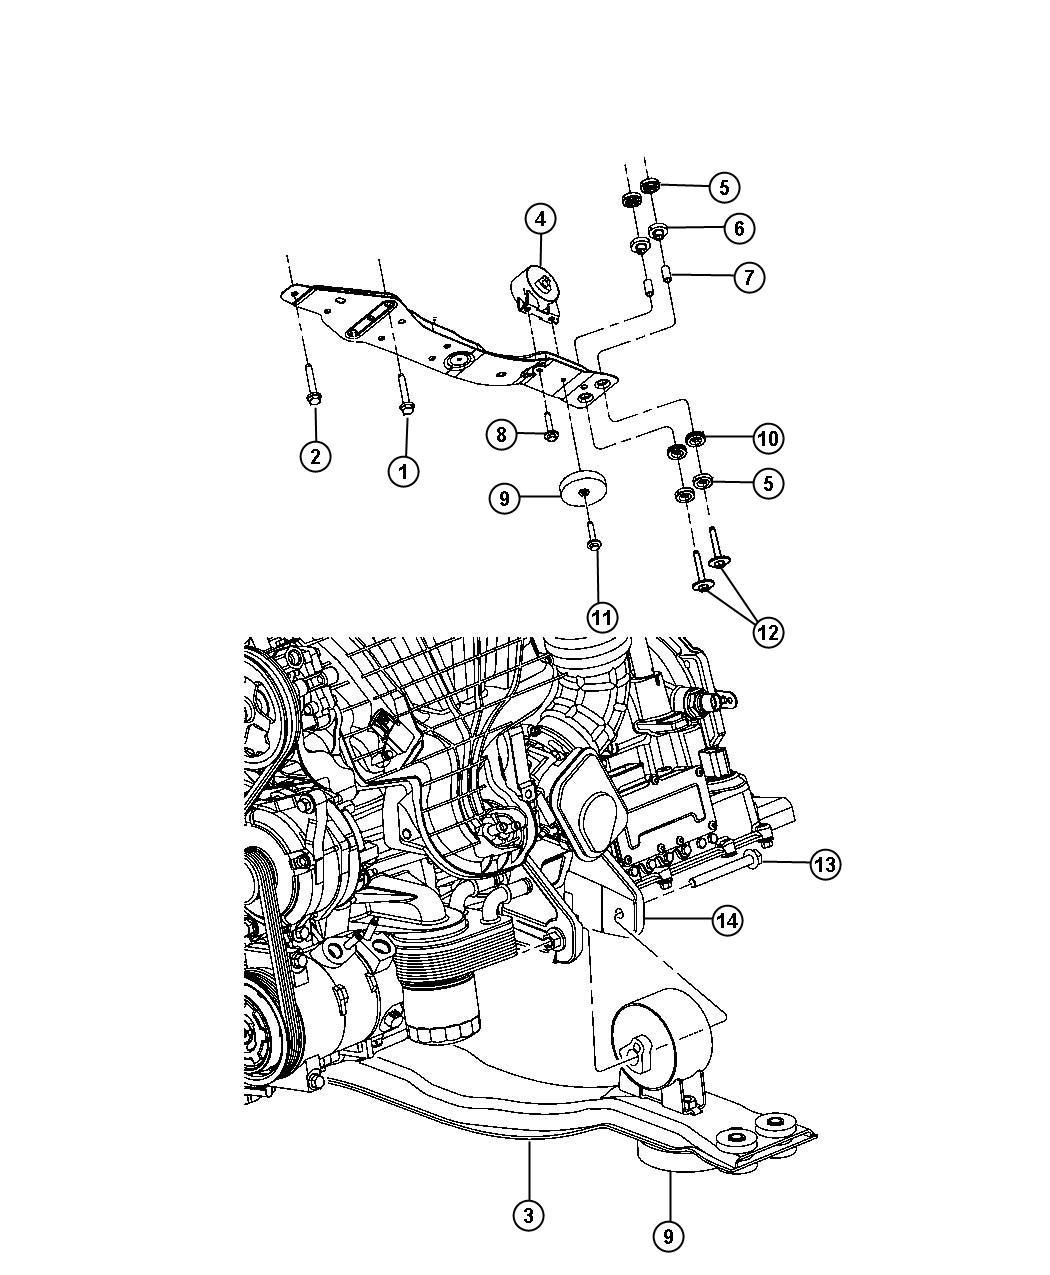 Engine Mounting Front Fwd 3 6l 3 6l V6 24v Vvt Engine